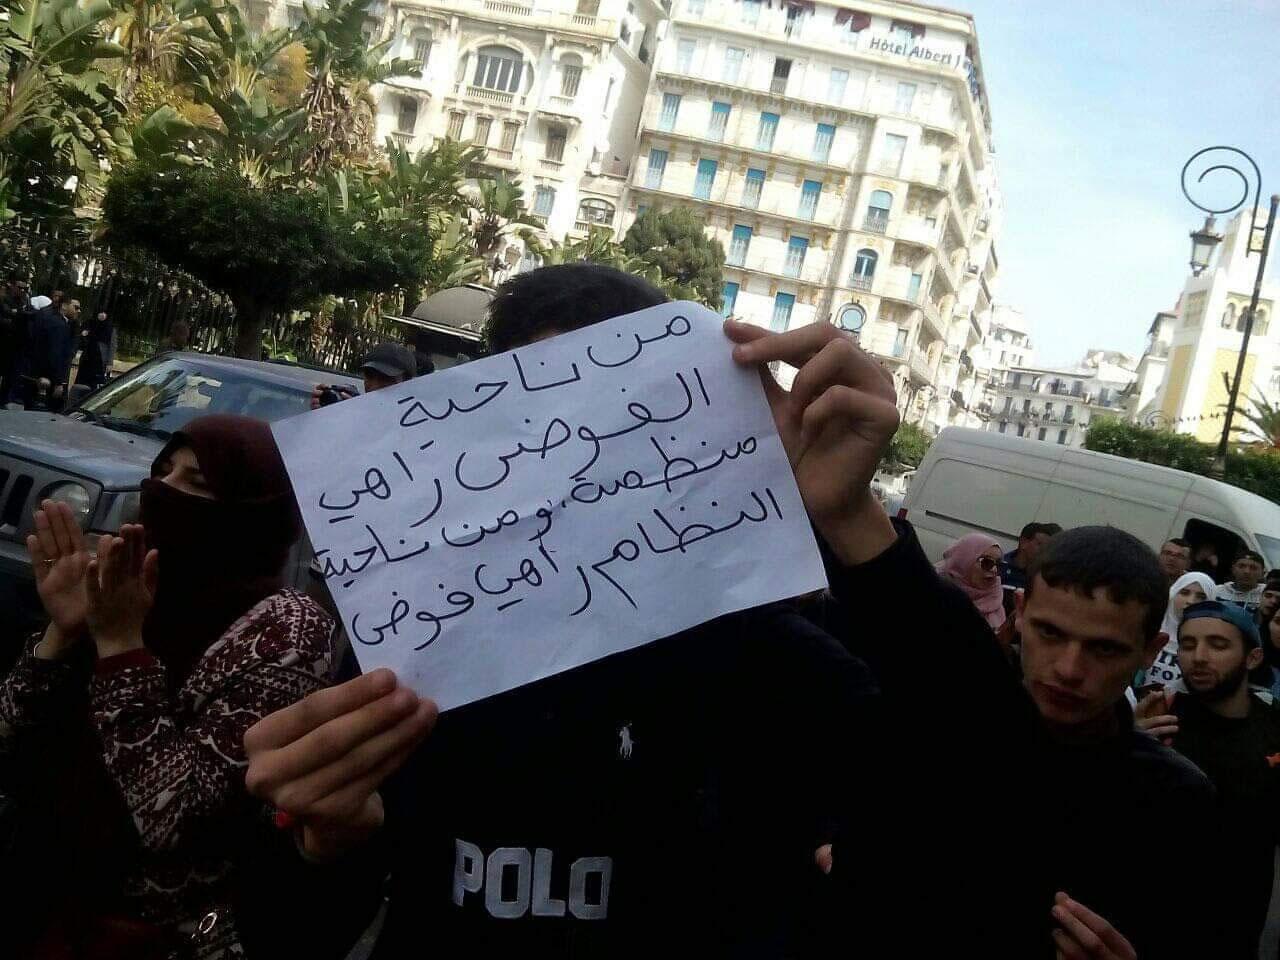 بالصور.. شعارات طريفة من احتجاجات الجزائر